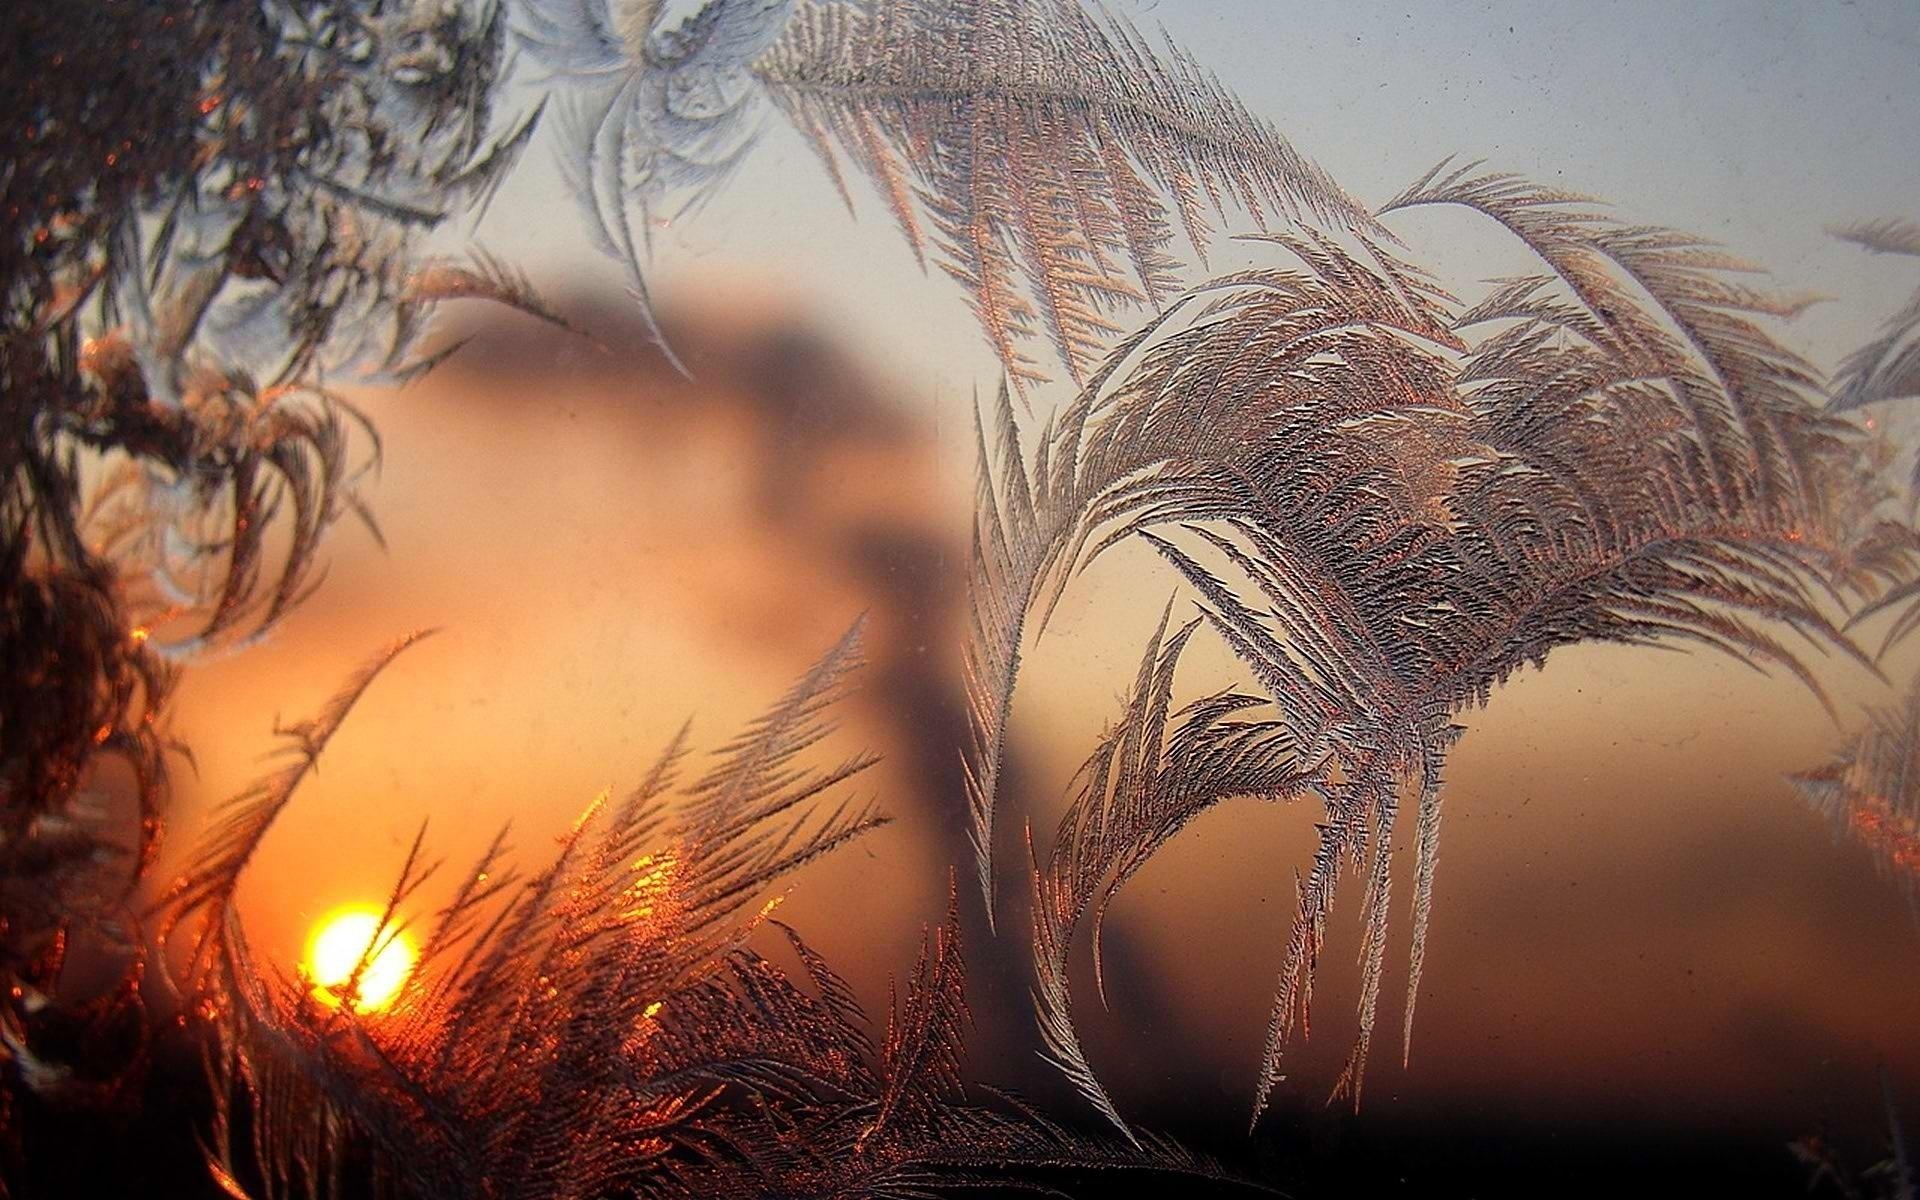 http://www.nastol.com.ua/pic/201312/1920x1200/nastol.com.ua-76648.jpg